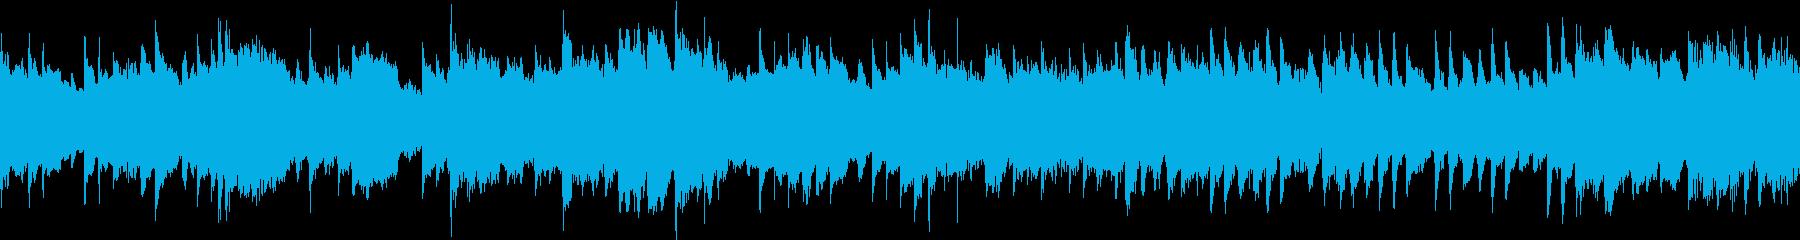 B【ループ】幻想 感動 溢れる感情の再生済みの波形